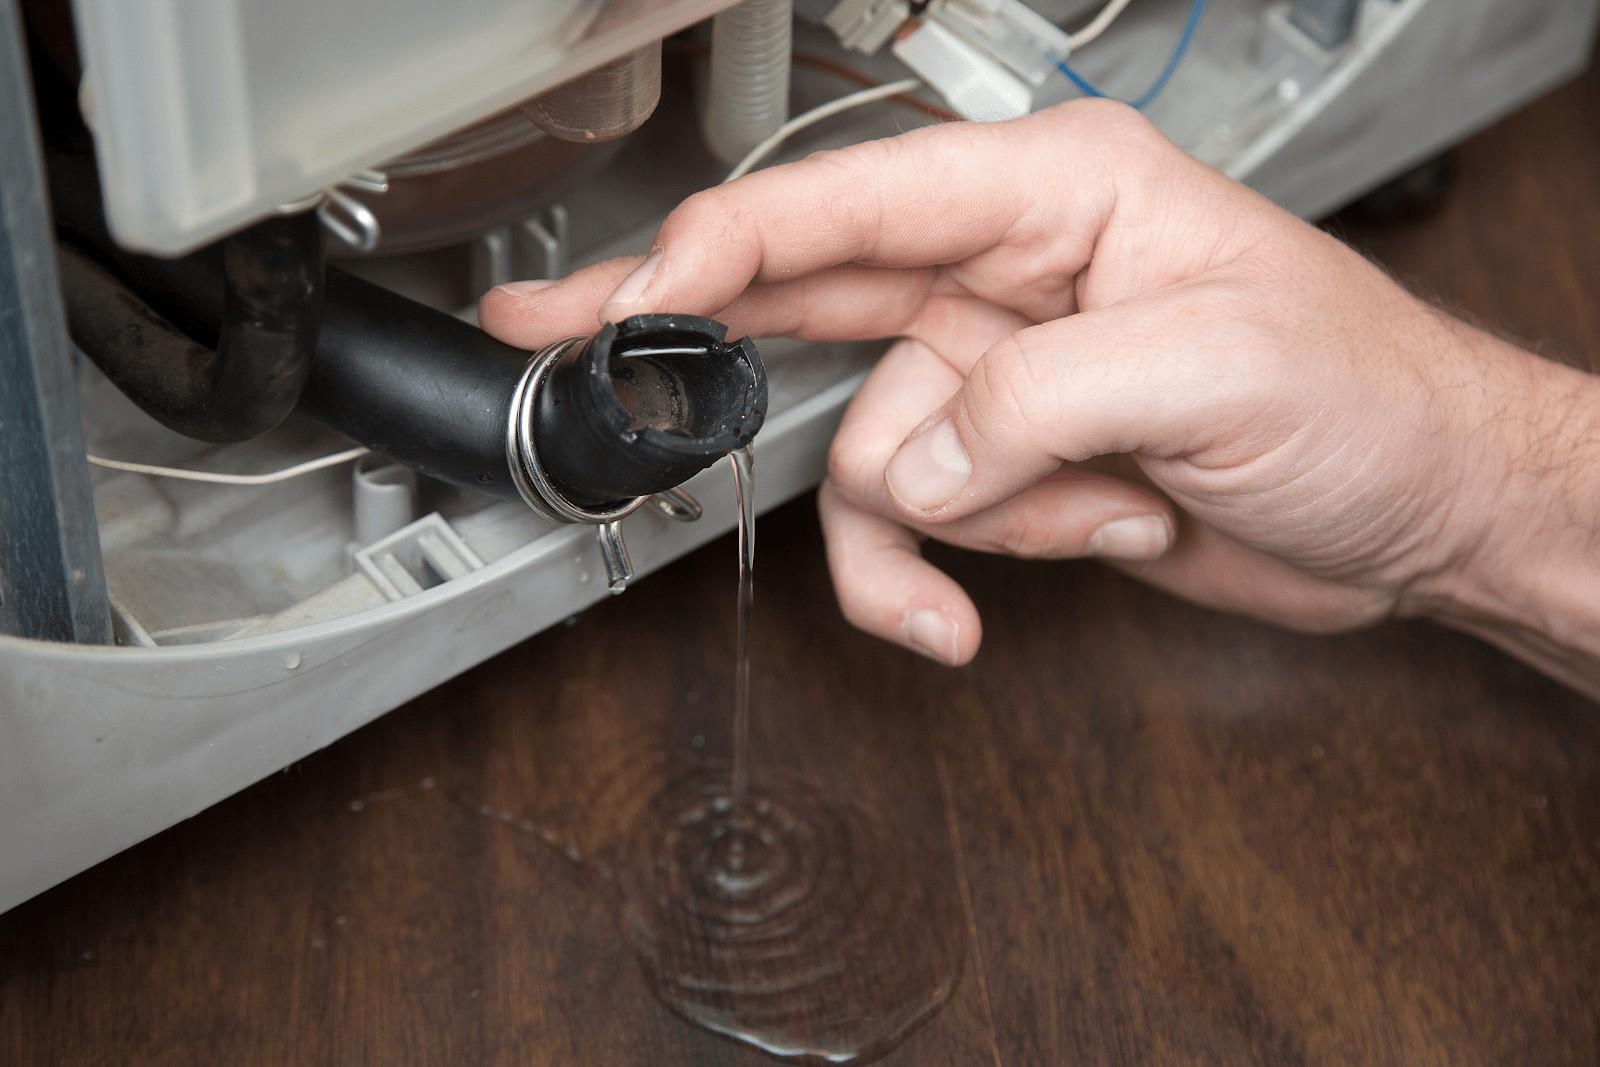 нарушения слива в стиральной машине